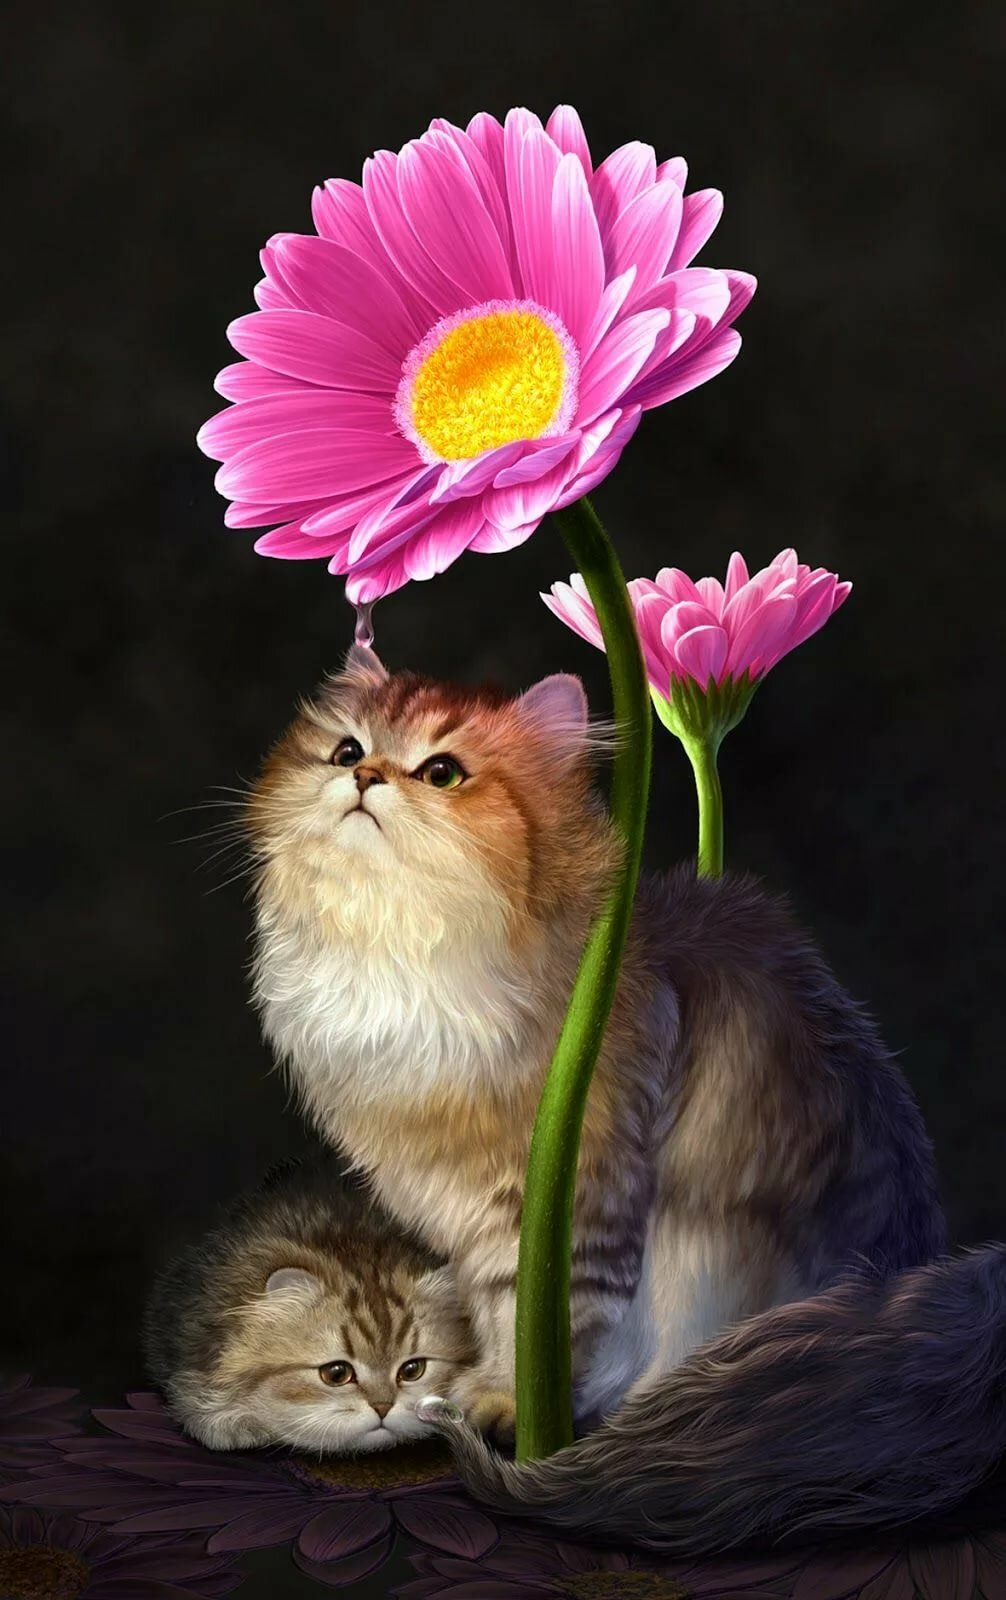 целом картинки анимации котик с цветами монтируем